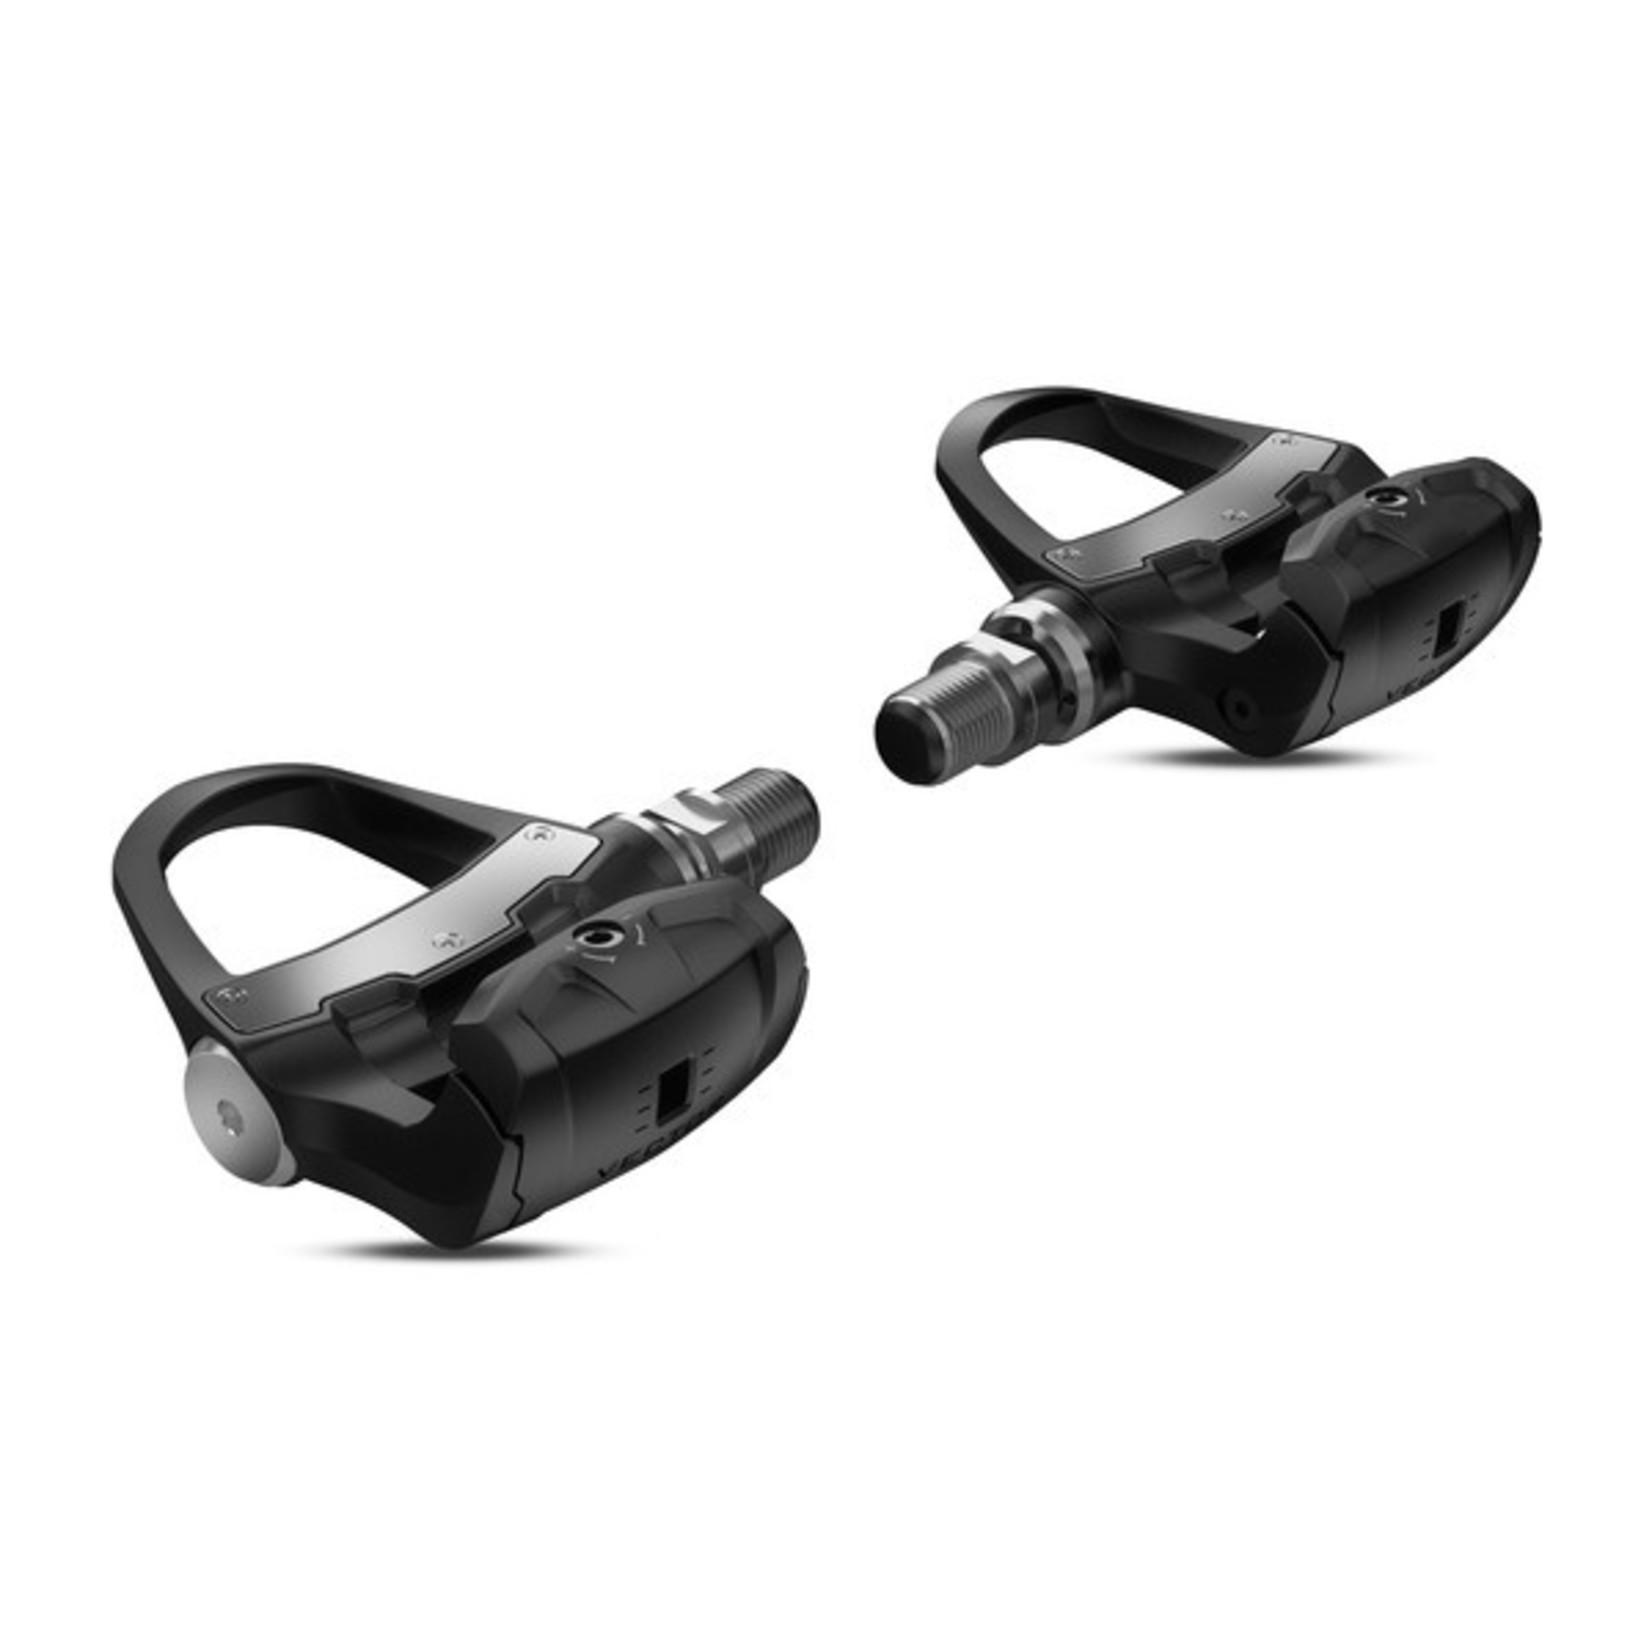 Garmin Vector™ 3 Dual-Sensing Power Meter